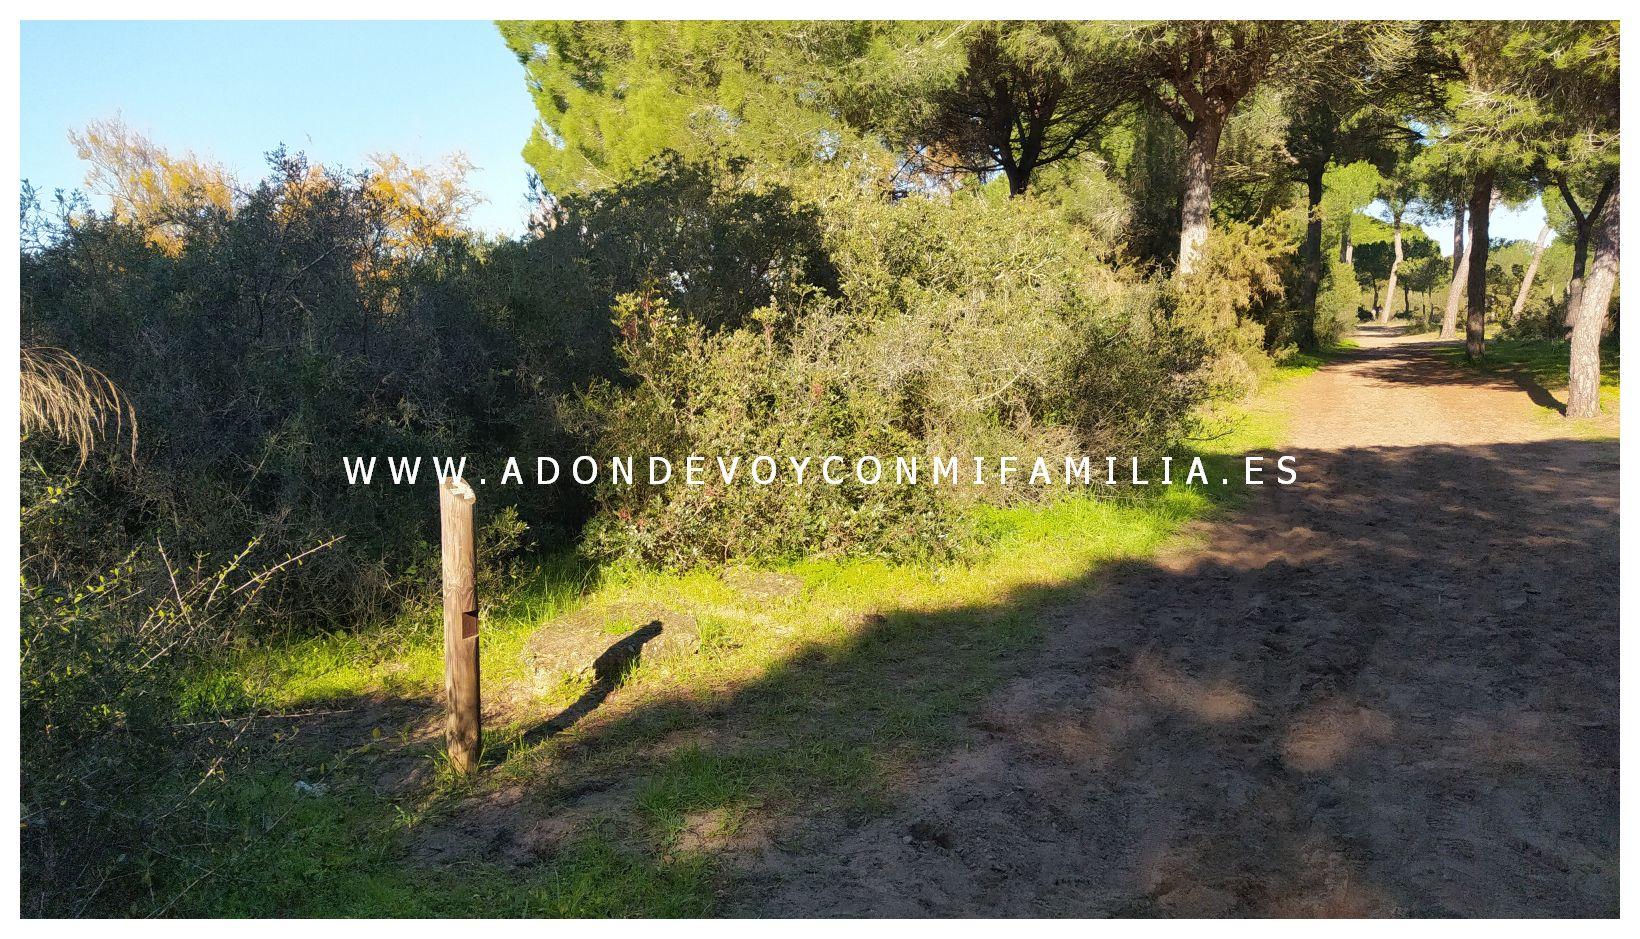 sendero cerro del aguila pinar de la algaida sanlucar adondevoyconmifamilia 65